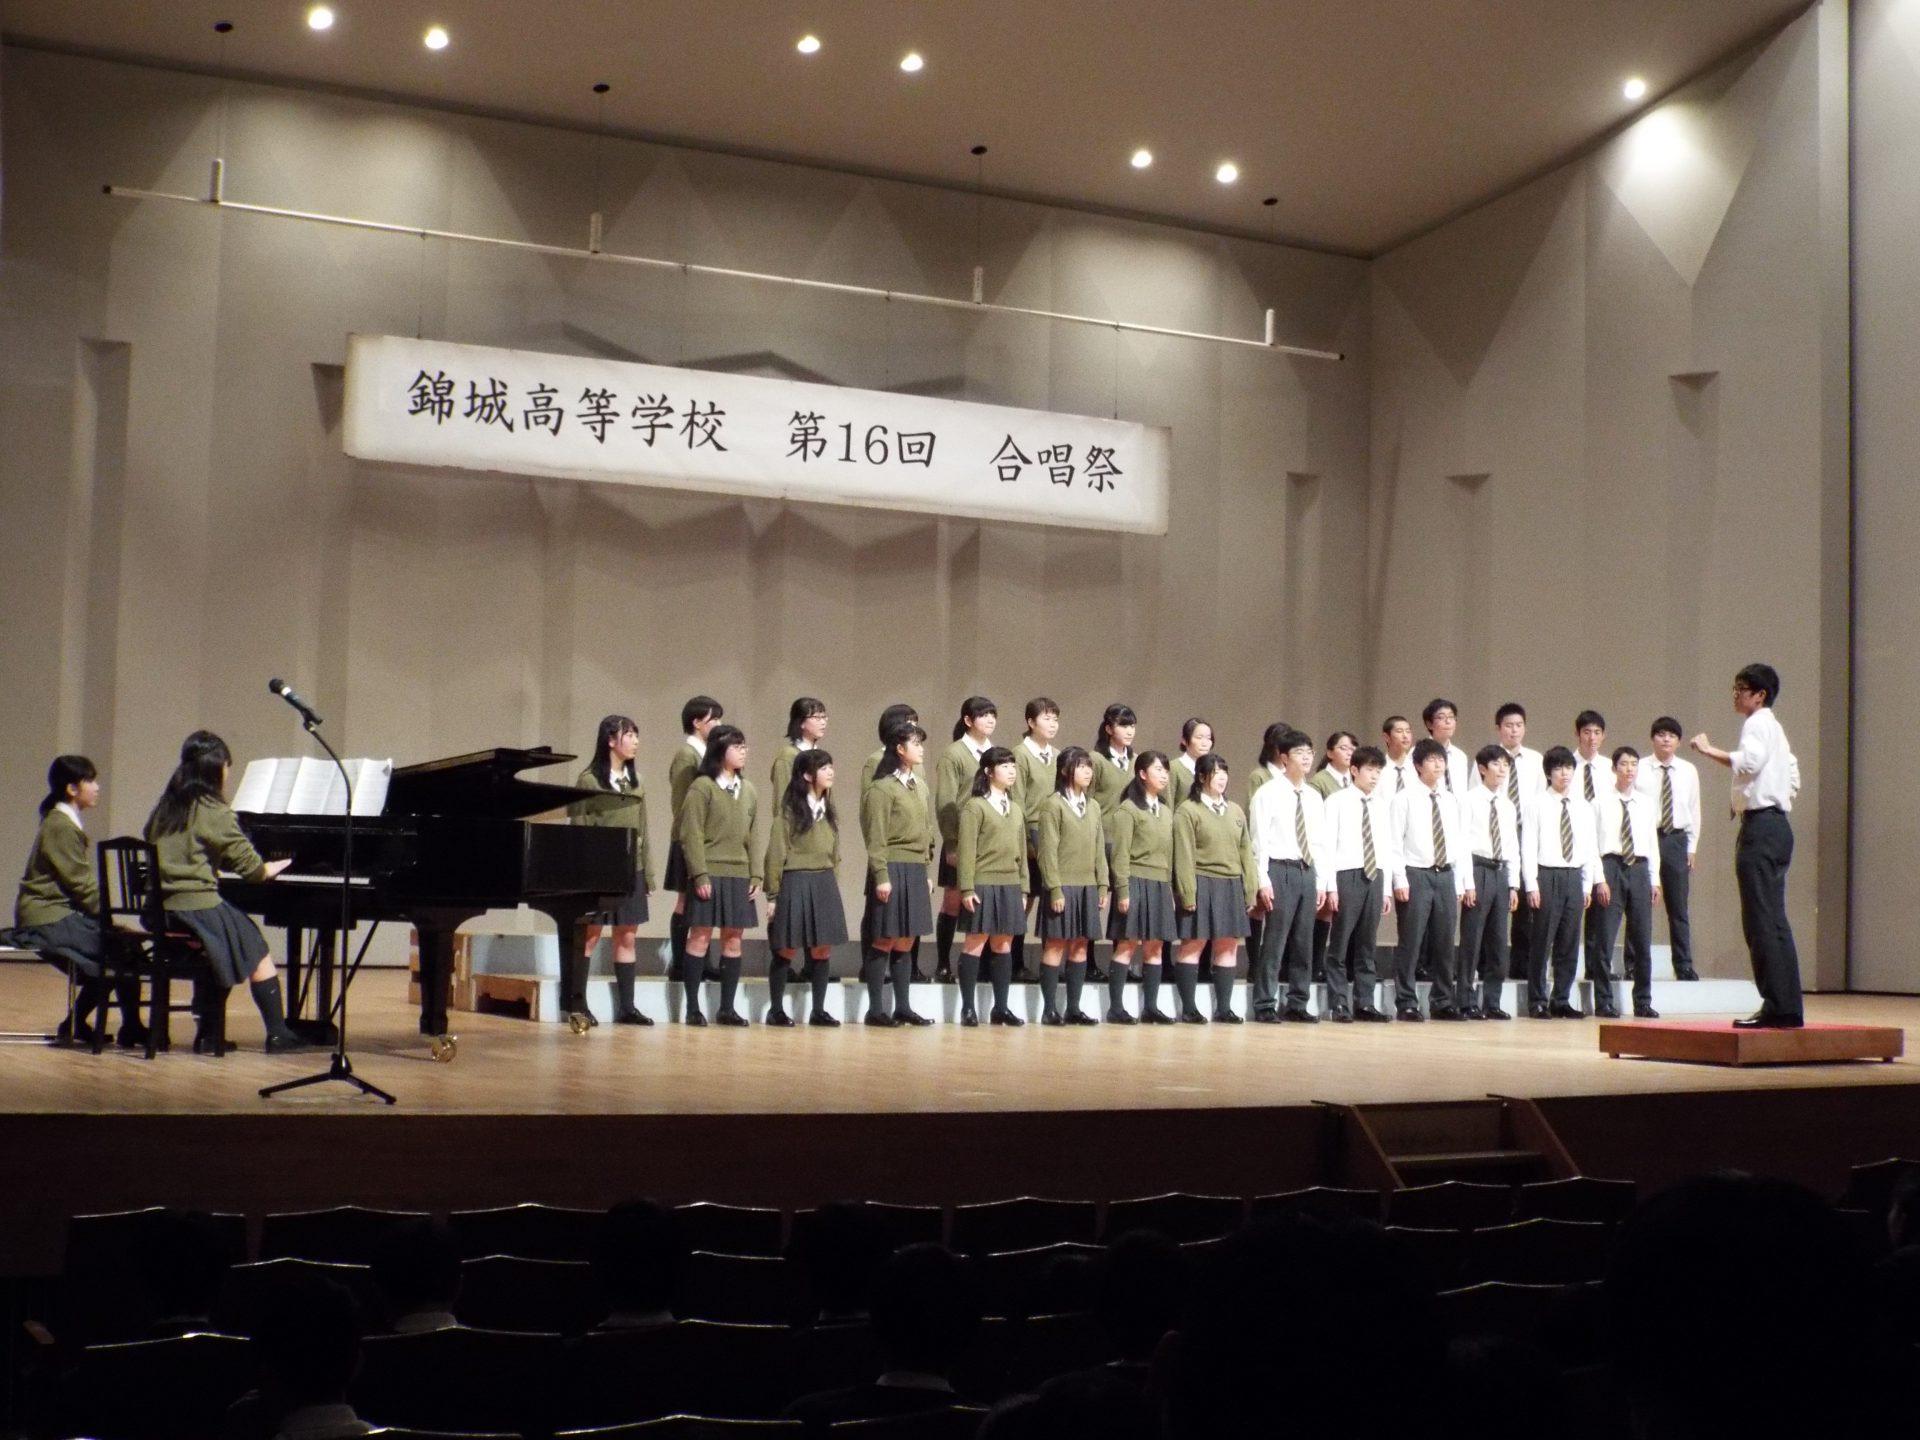 錦城高等学校画像